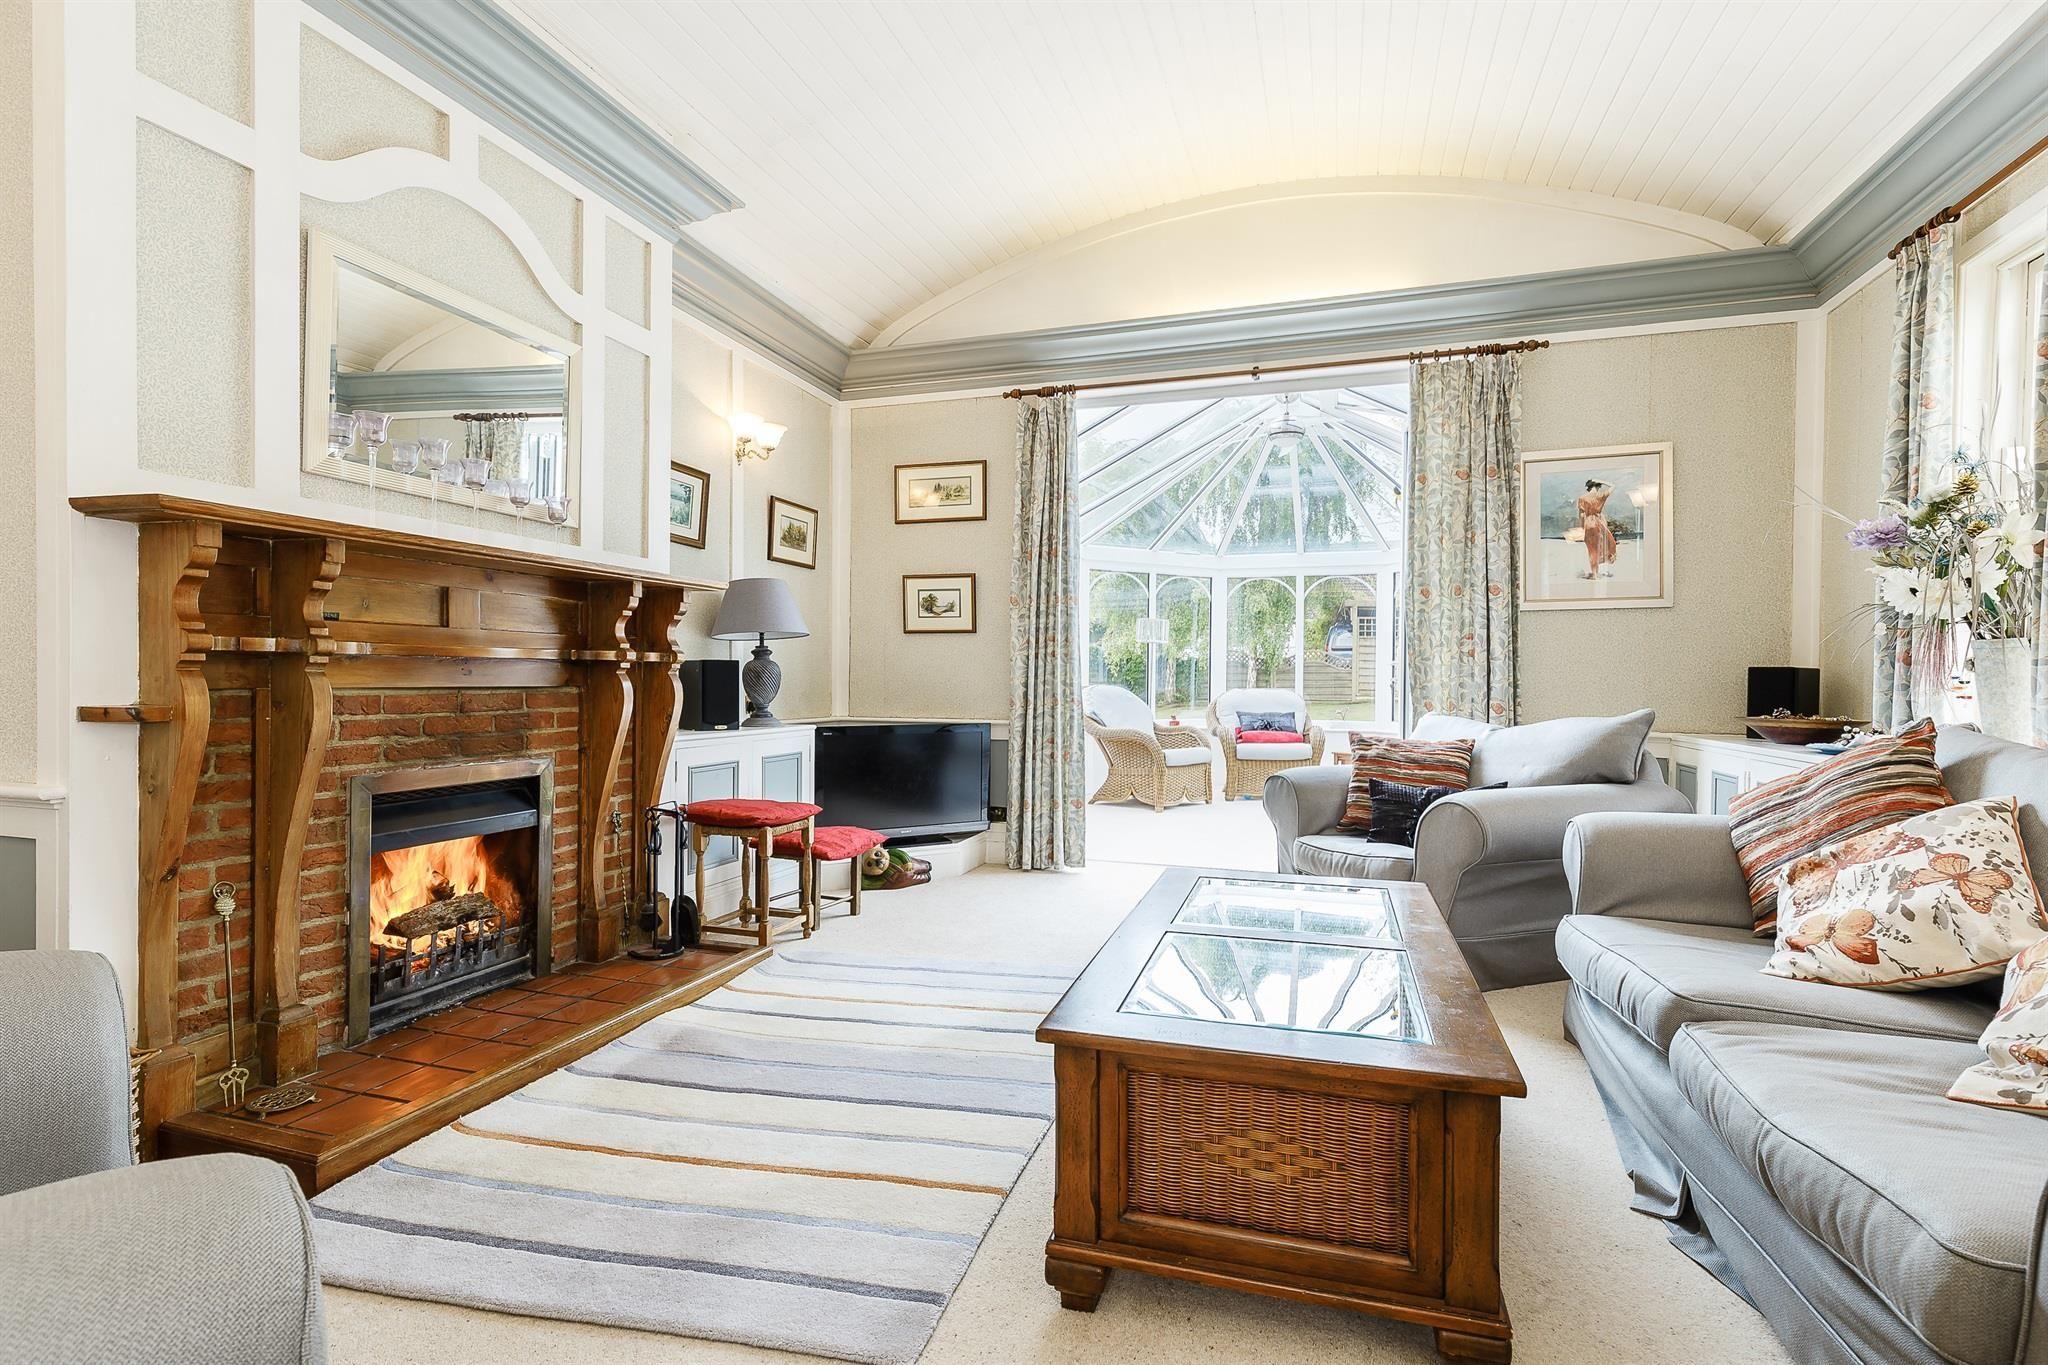 Upper Garston Lane, Bratton, Westbury - 24 bedroom detached